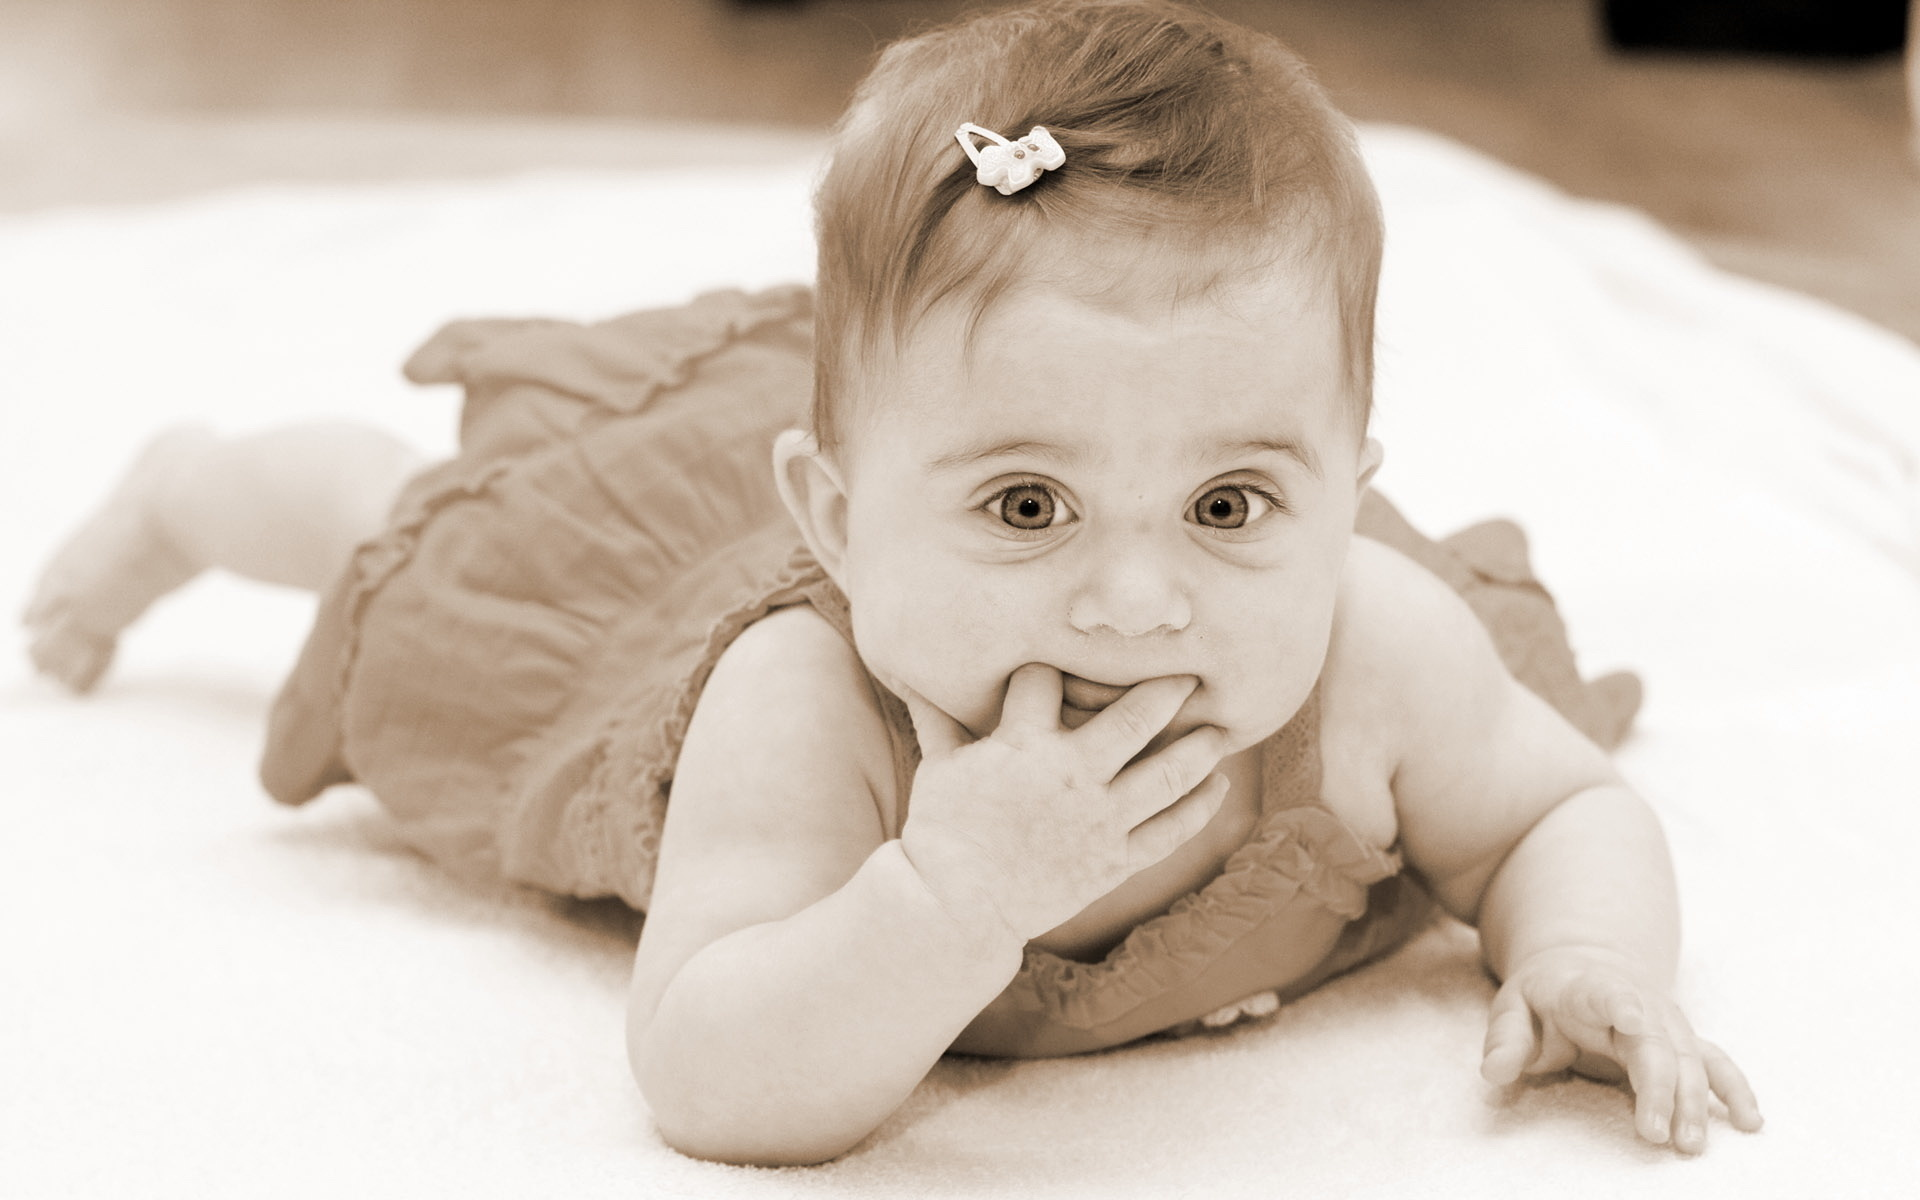 Имя ребенку девочке по гороскопу дева